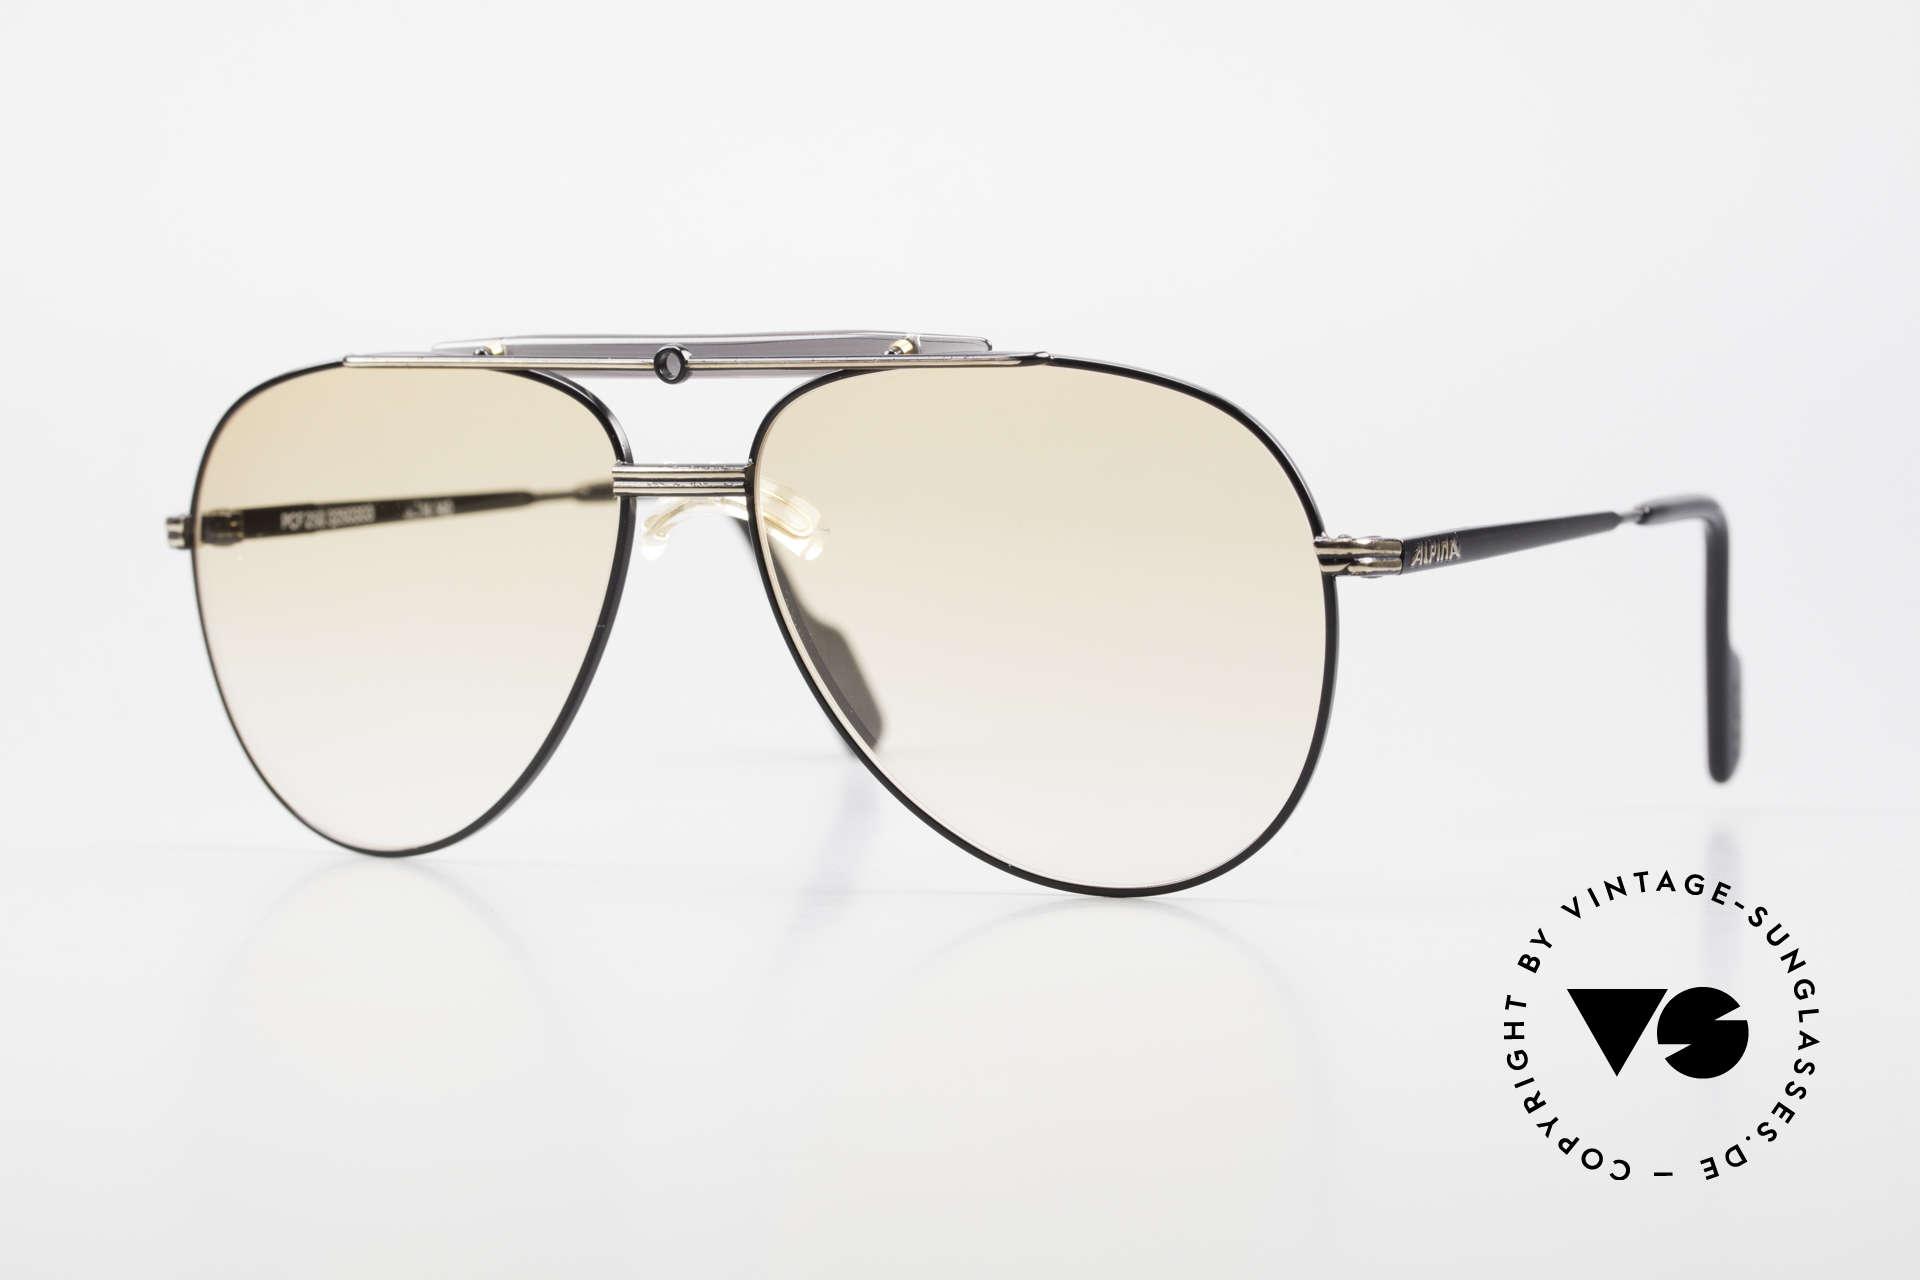 Alpina PCF 250 Sportliche 90er Aviator Brille, Alpina Brille aus der legendären ProCar-Series, Passend für Herren